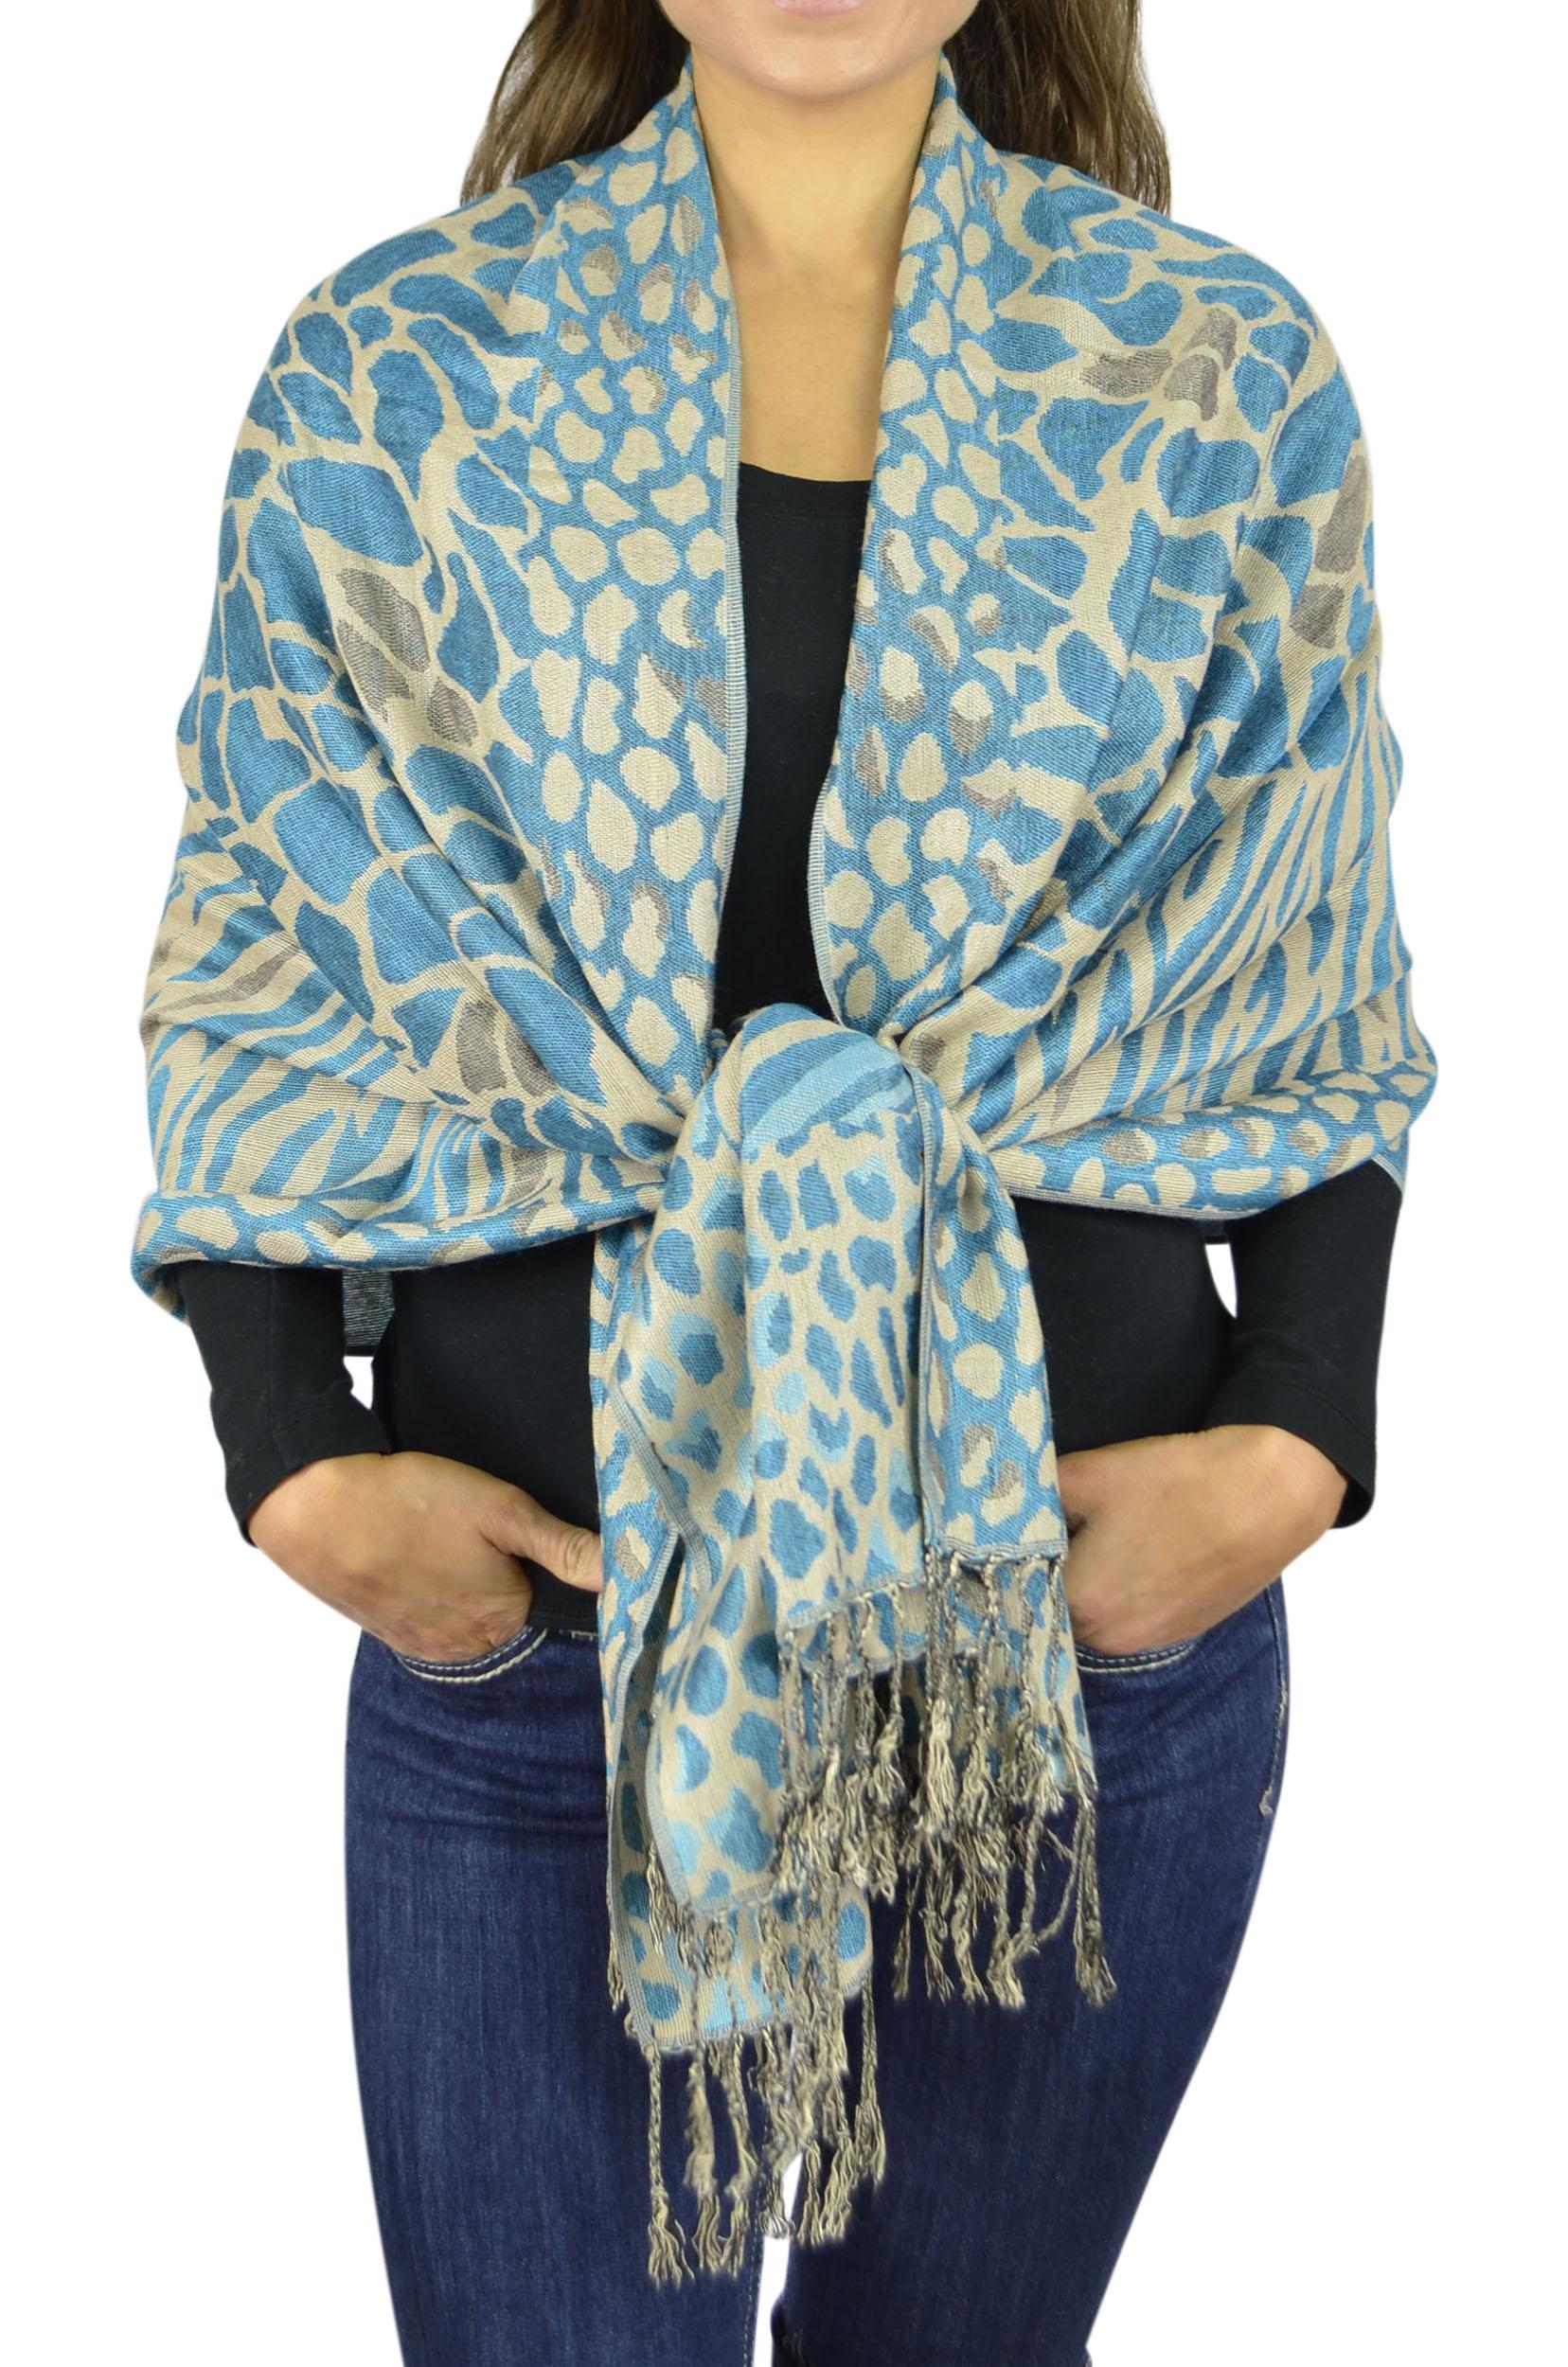 Pashmina Women Soft Wrap Shawl Animal Print Scarf By Belle Donne - Blue